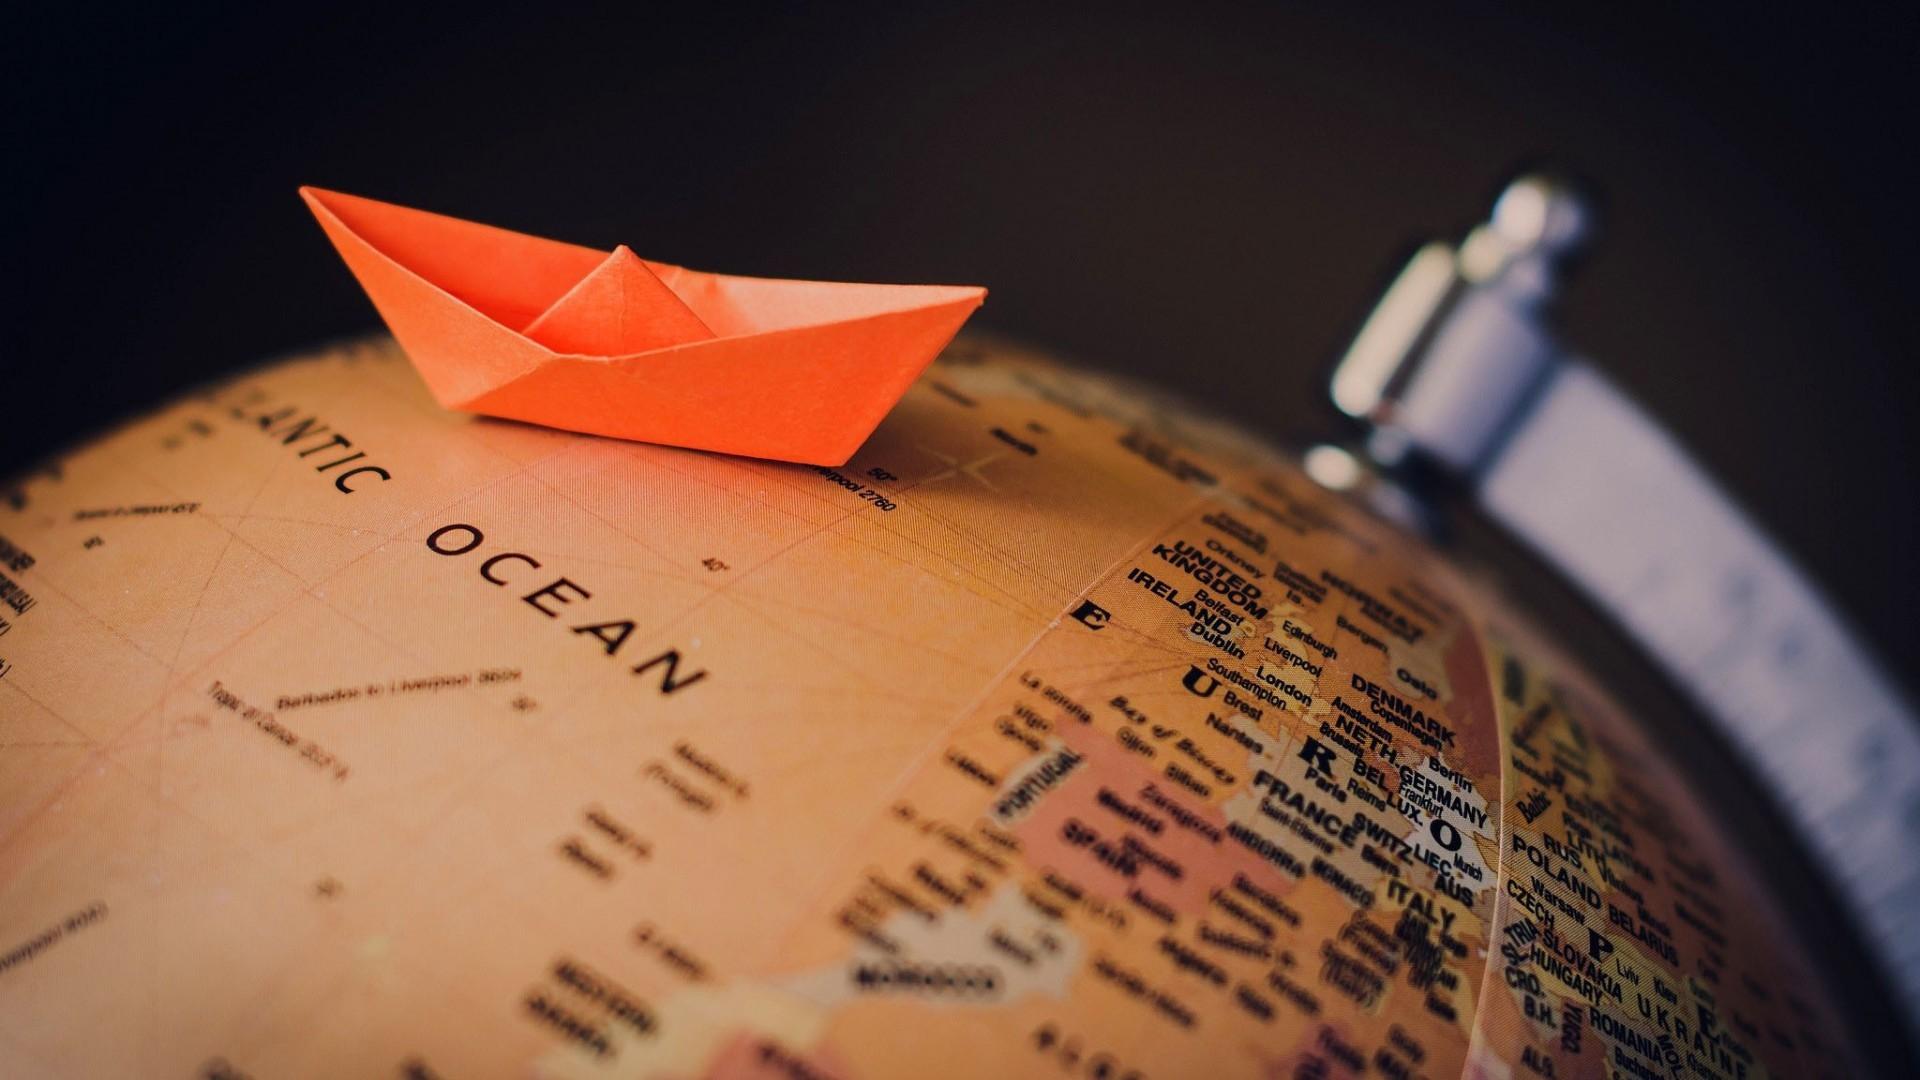 美图,图片,创意 几张和航海有关的创意图片 wallhaven-137324.jpg